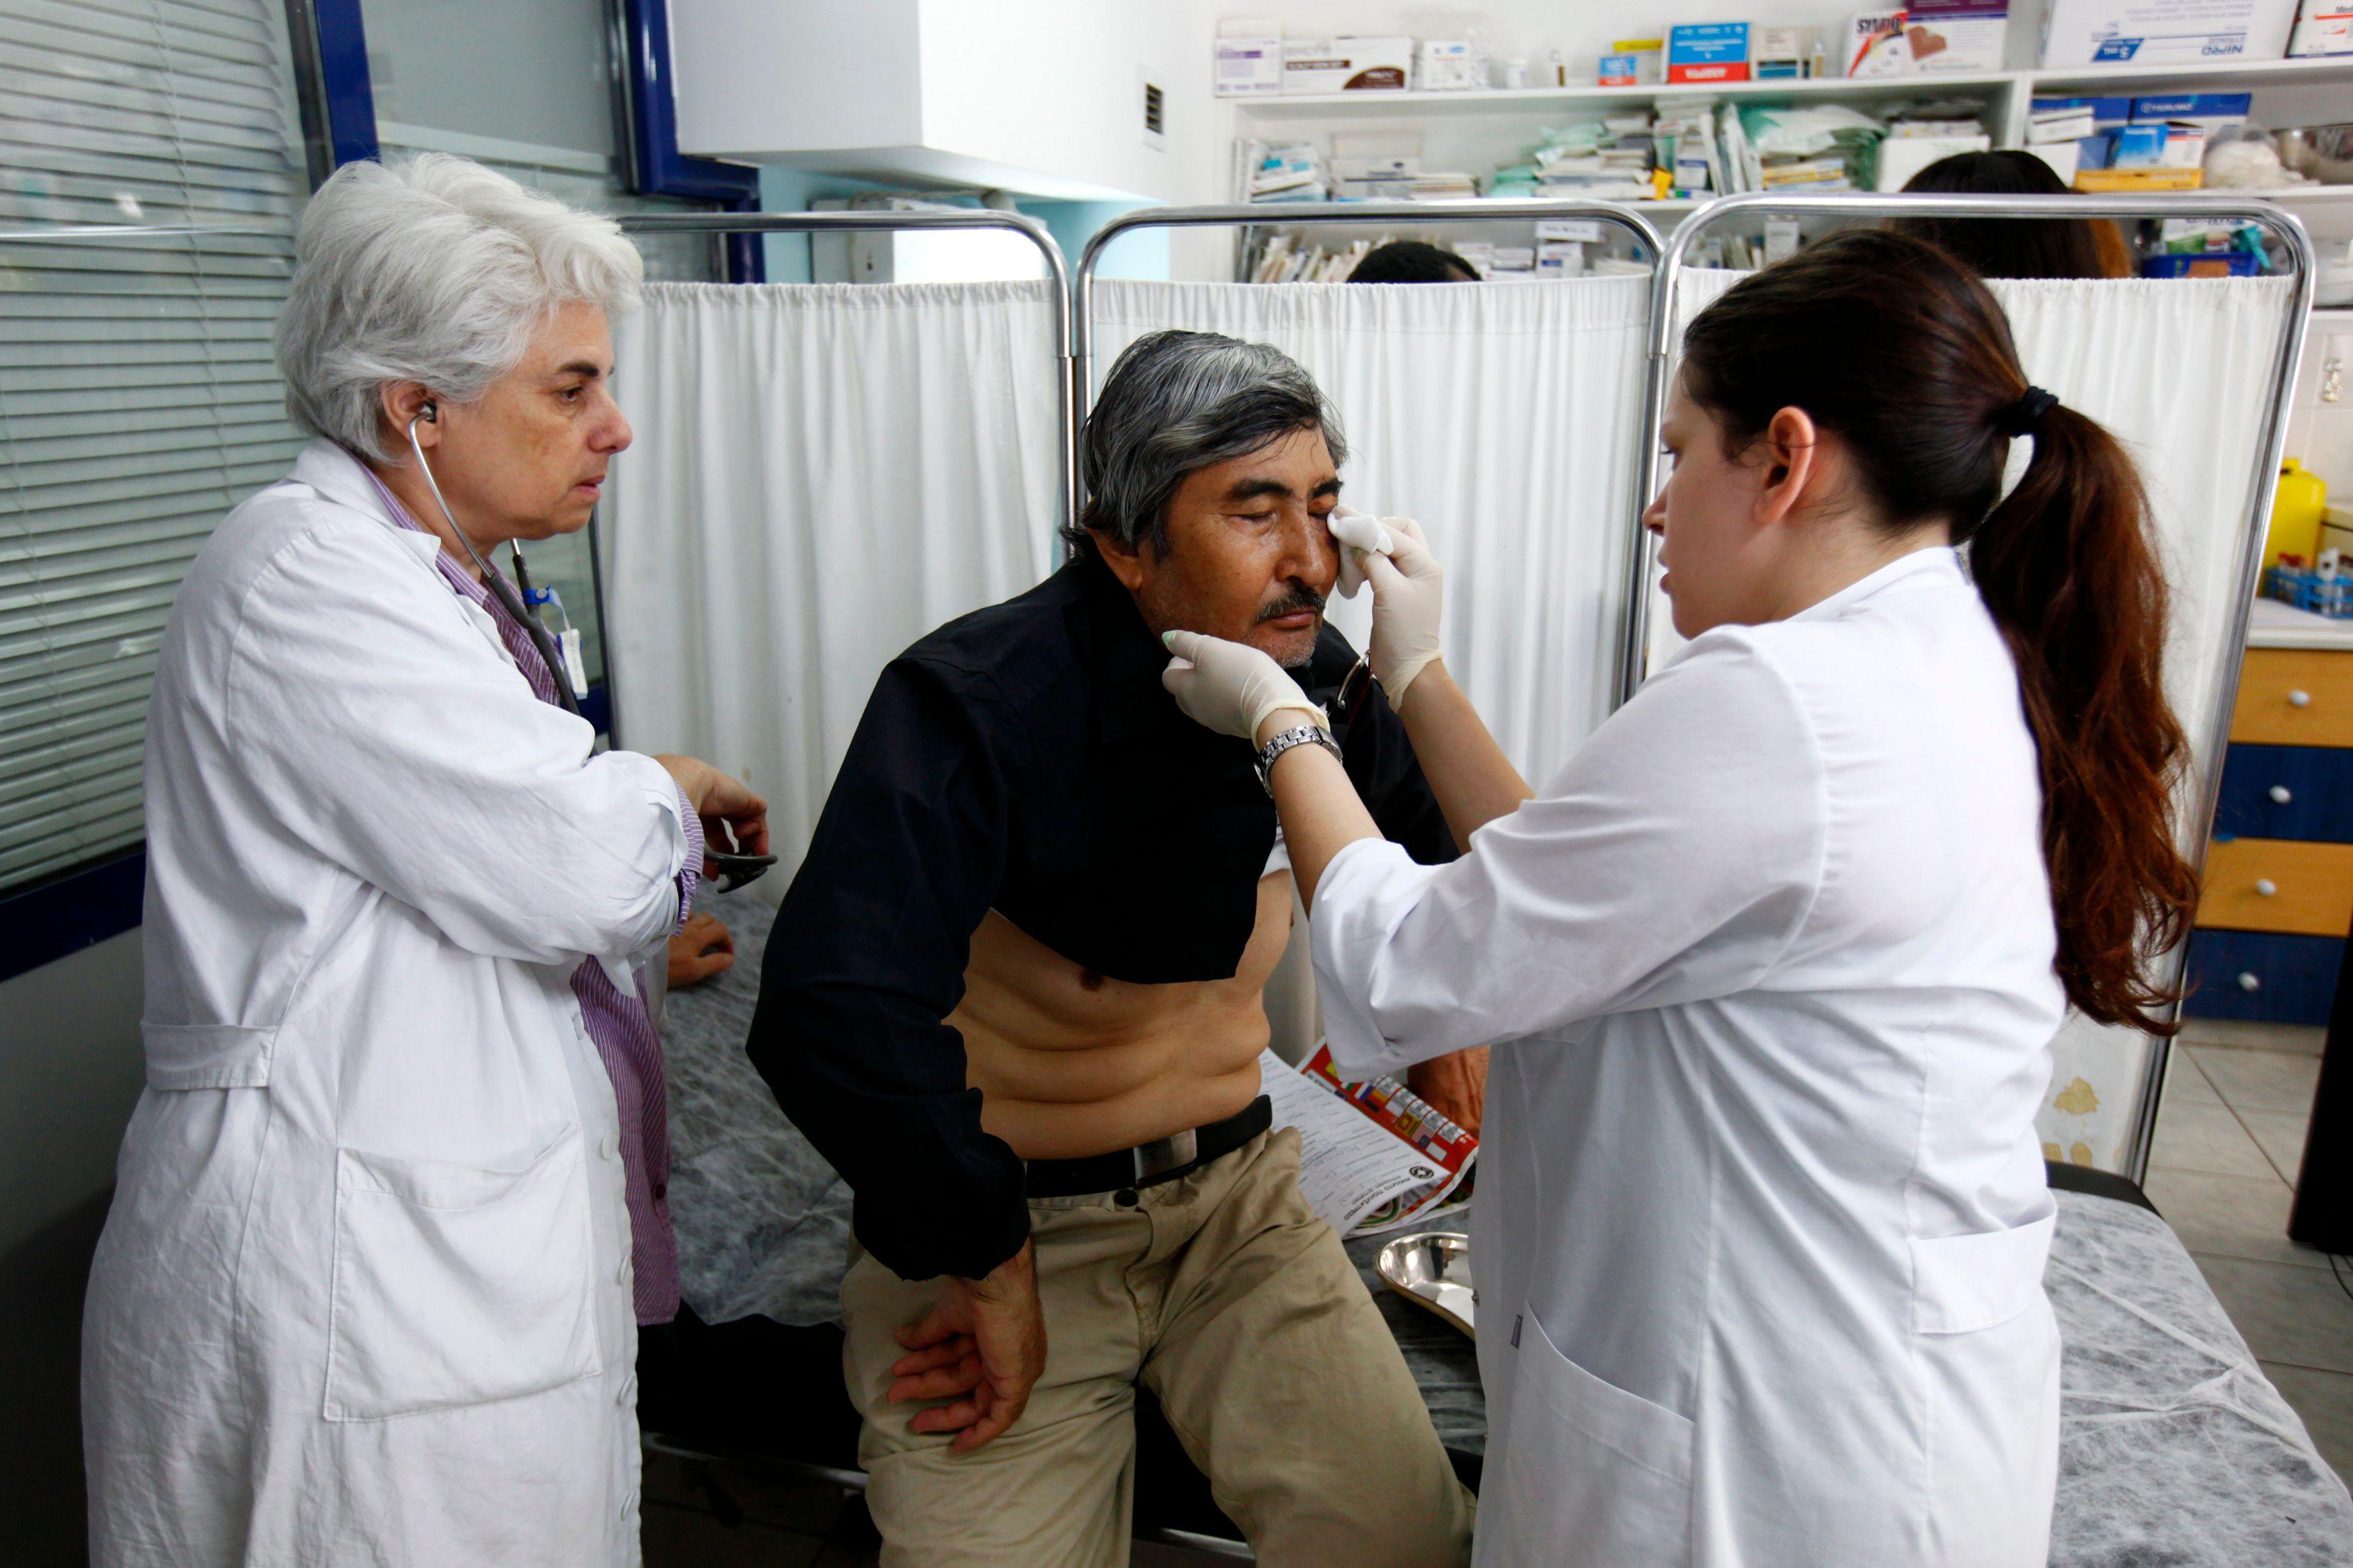 Les médecins sont en grève mais cela n'entraîne pas de perturbations majeures